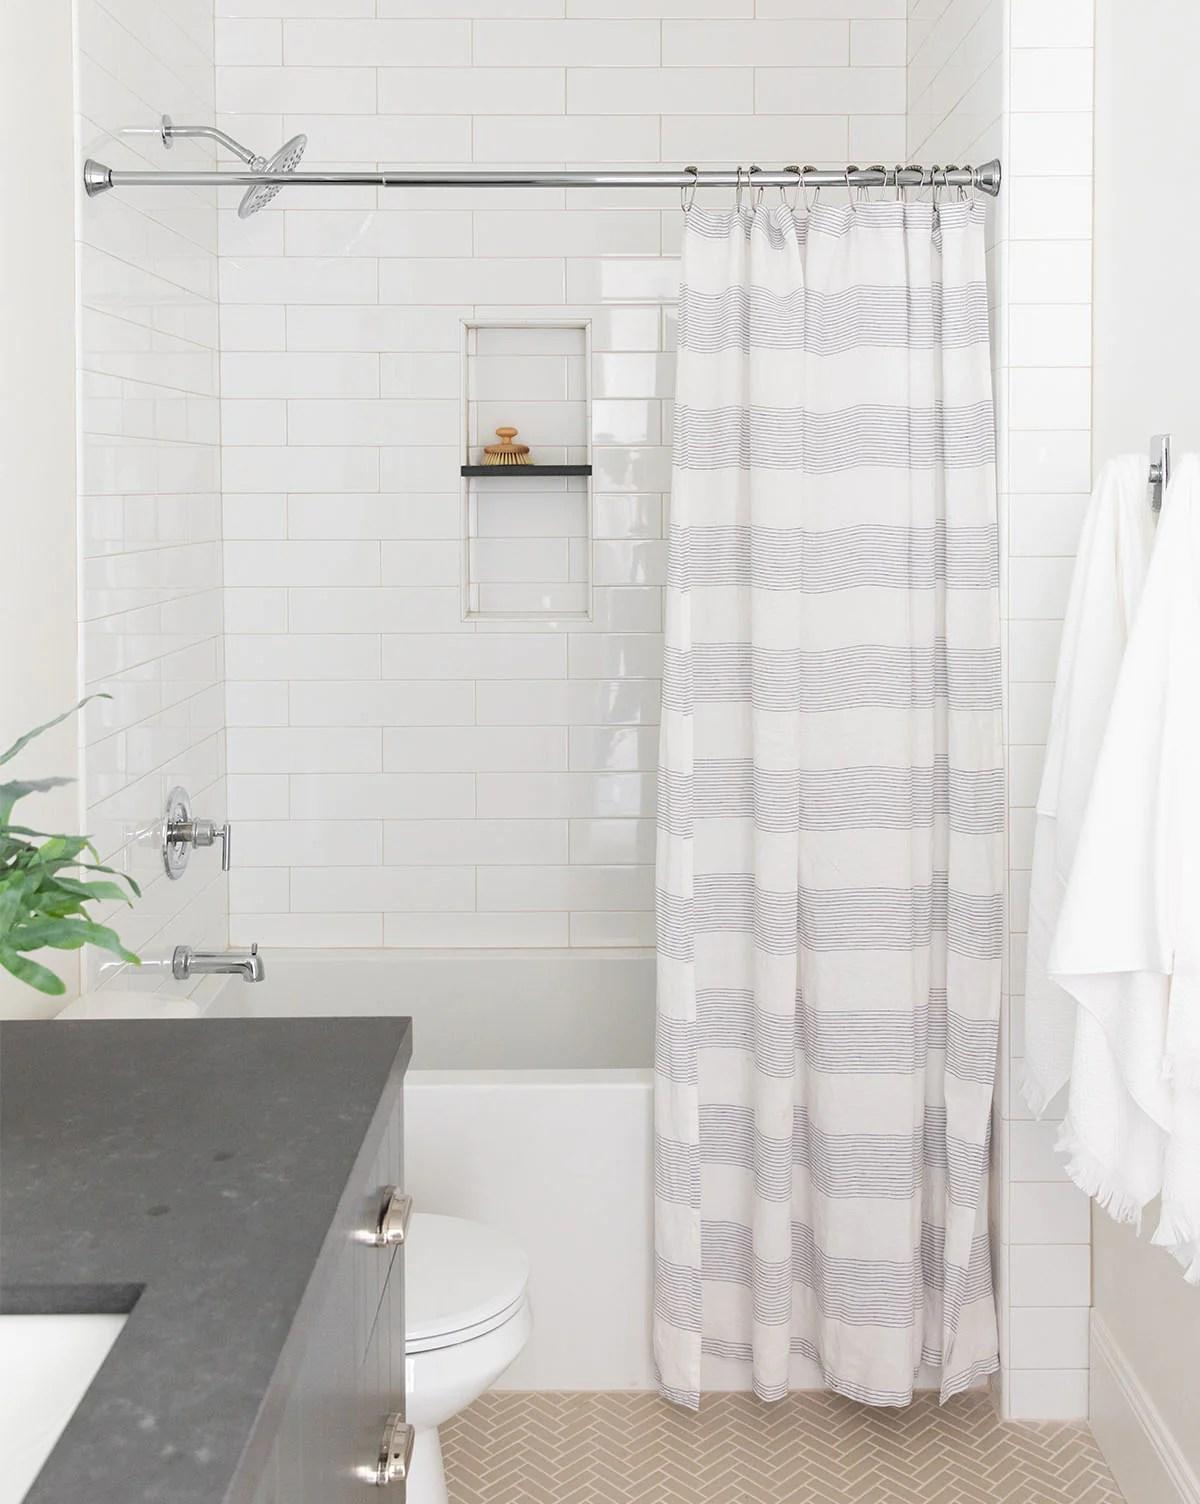 Line Break Shower Curtain Black White